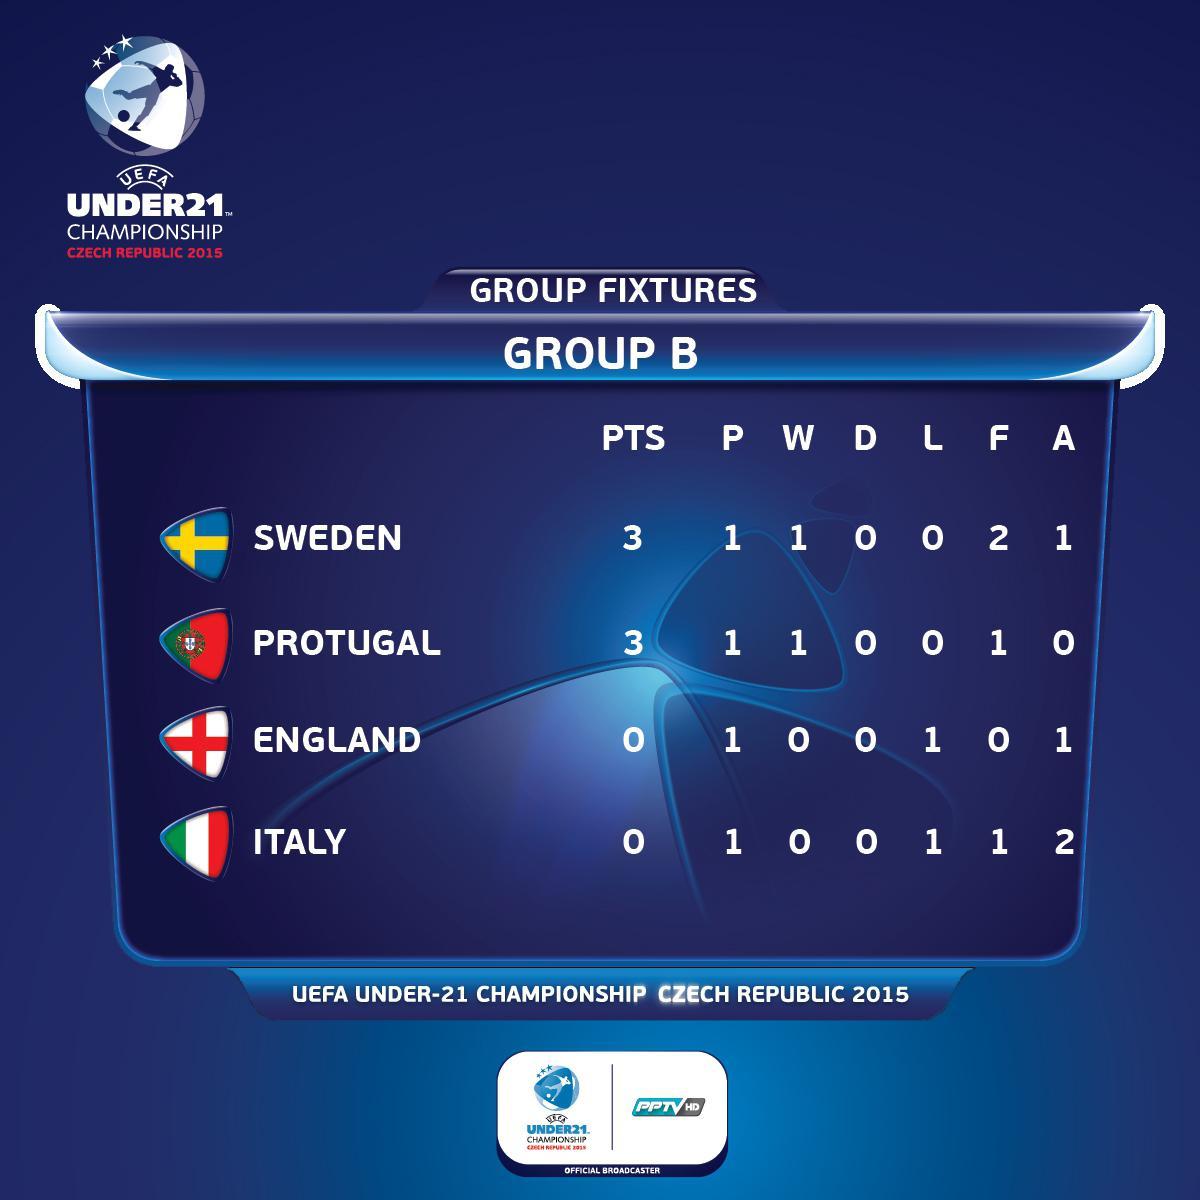 ไฮไลท์ฟุตบอล UEFA U-21  สิงโตจ๋อยเจาะไม่เข้า โดนฝอยทอง ยิงดับ 1-0